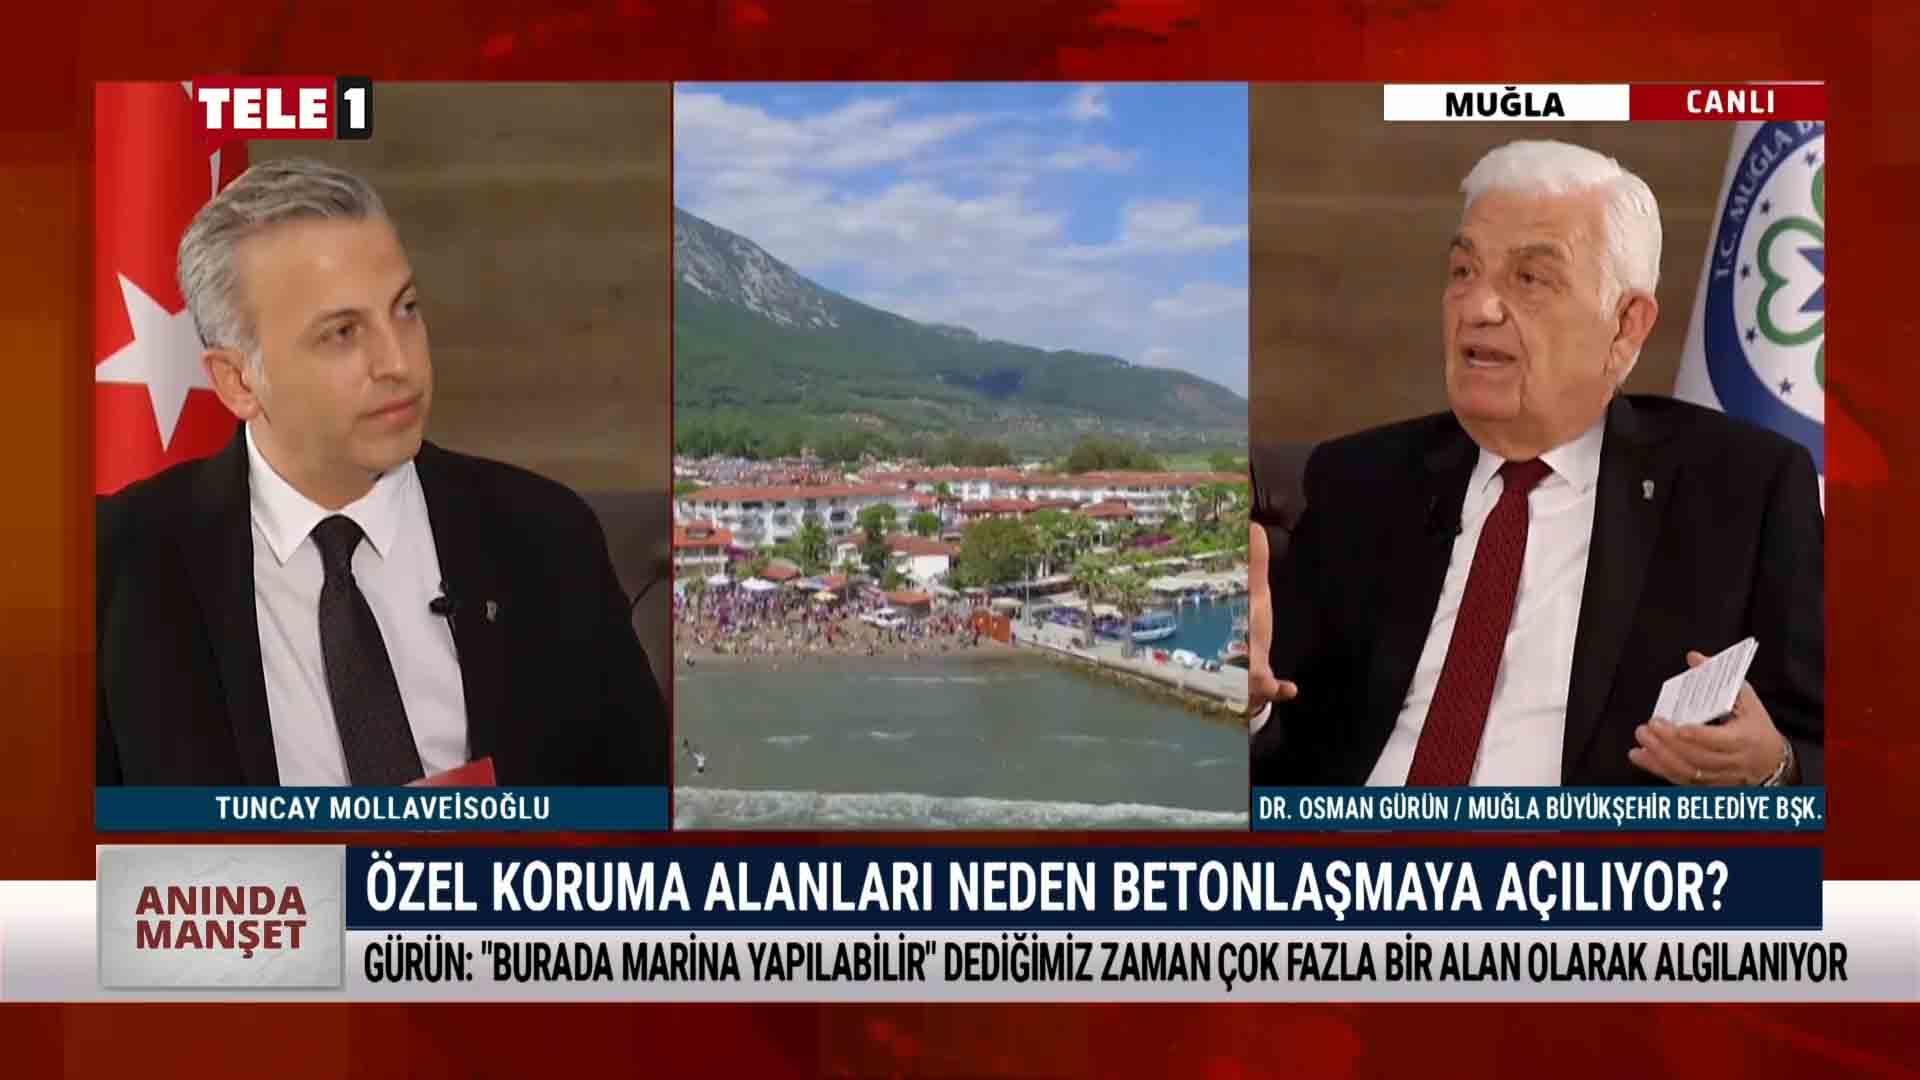 Bodrum'da bir milyon metrekare alan imara açıldı – ANINDA MANŞET